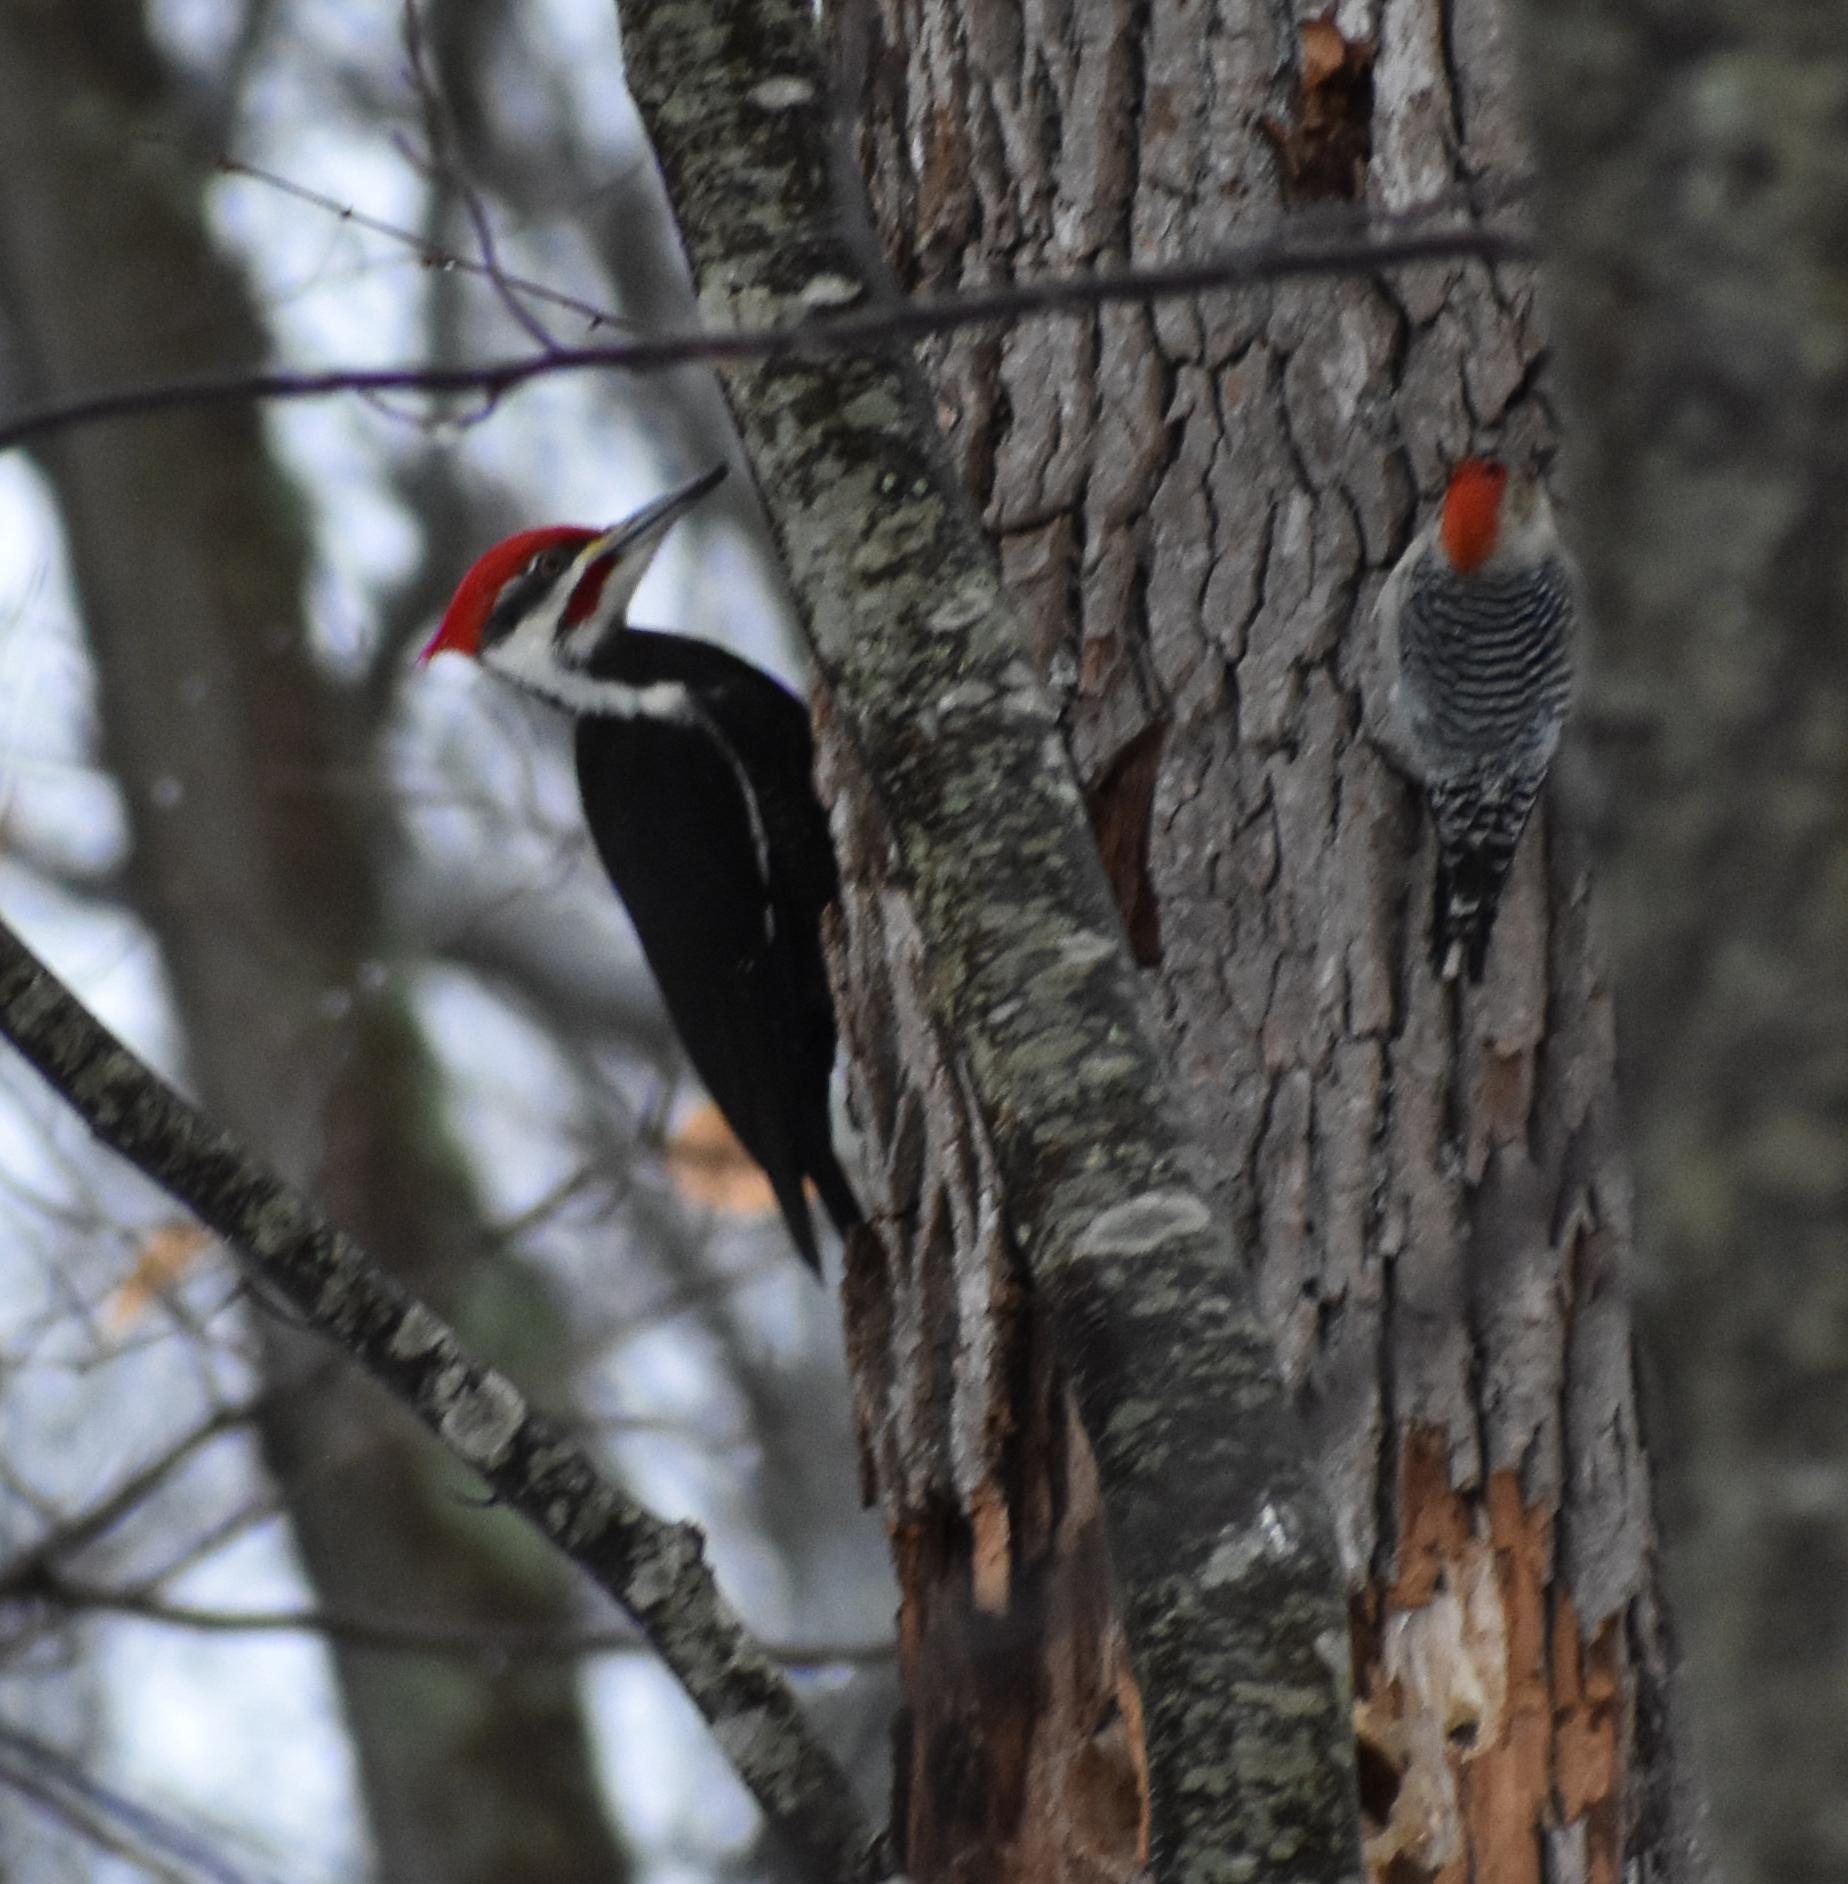 Pileated Woodpecker & Red-Bellied Woodpecker on Dead Tree